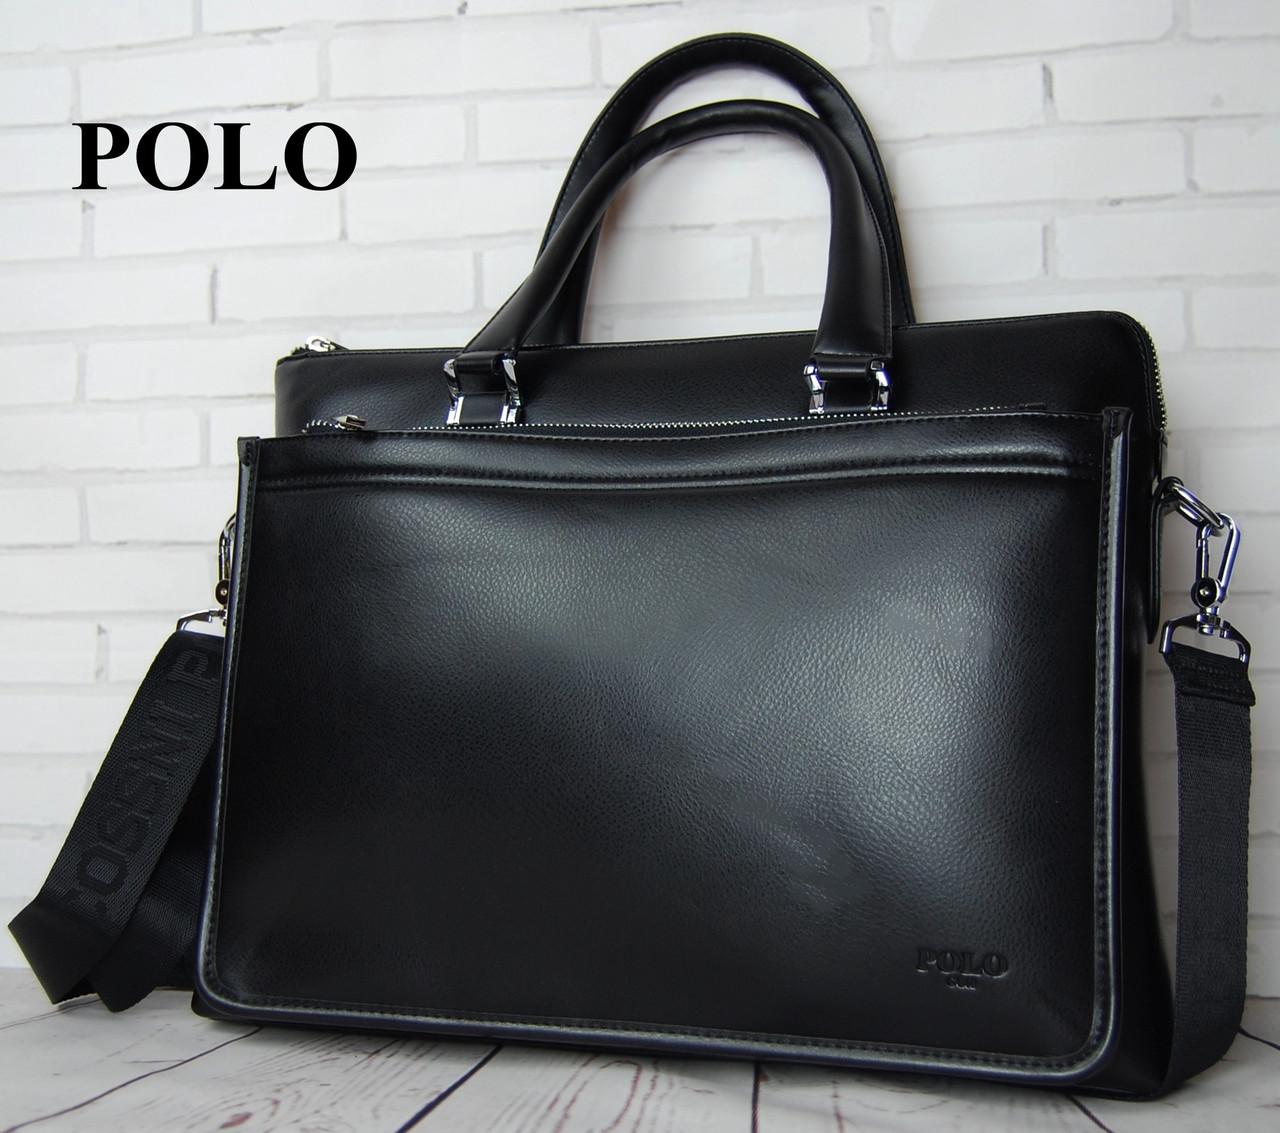 49c684711816 Мужская Сумка-портфель Polo Под Формат А4 Сумка для Документов КС37 ...